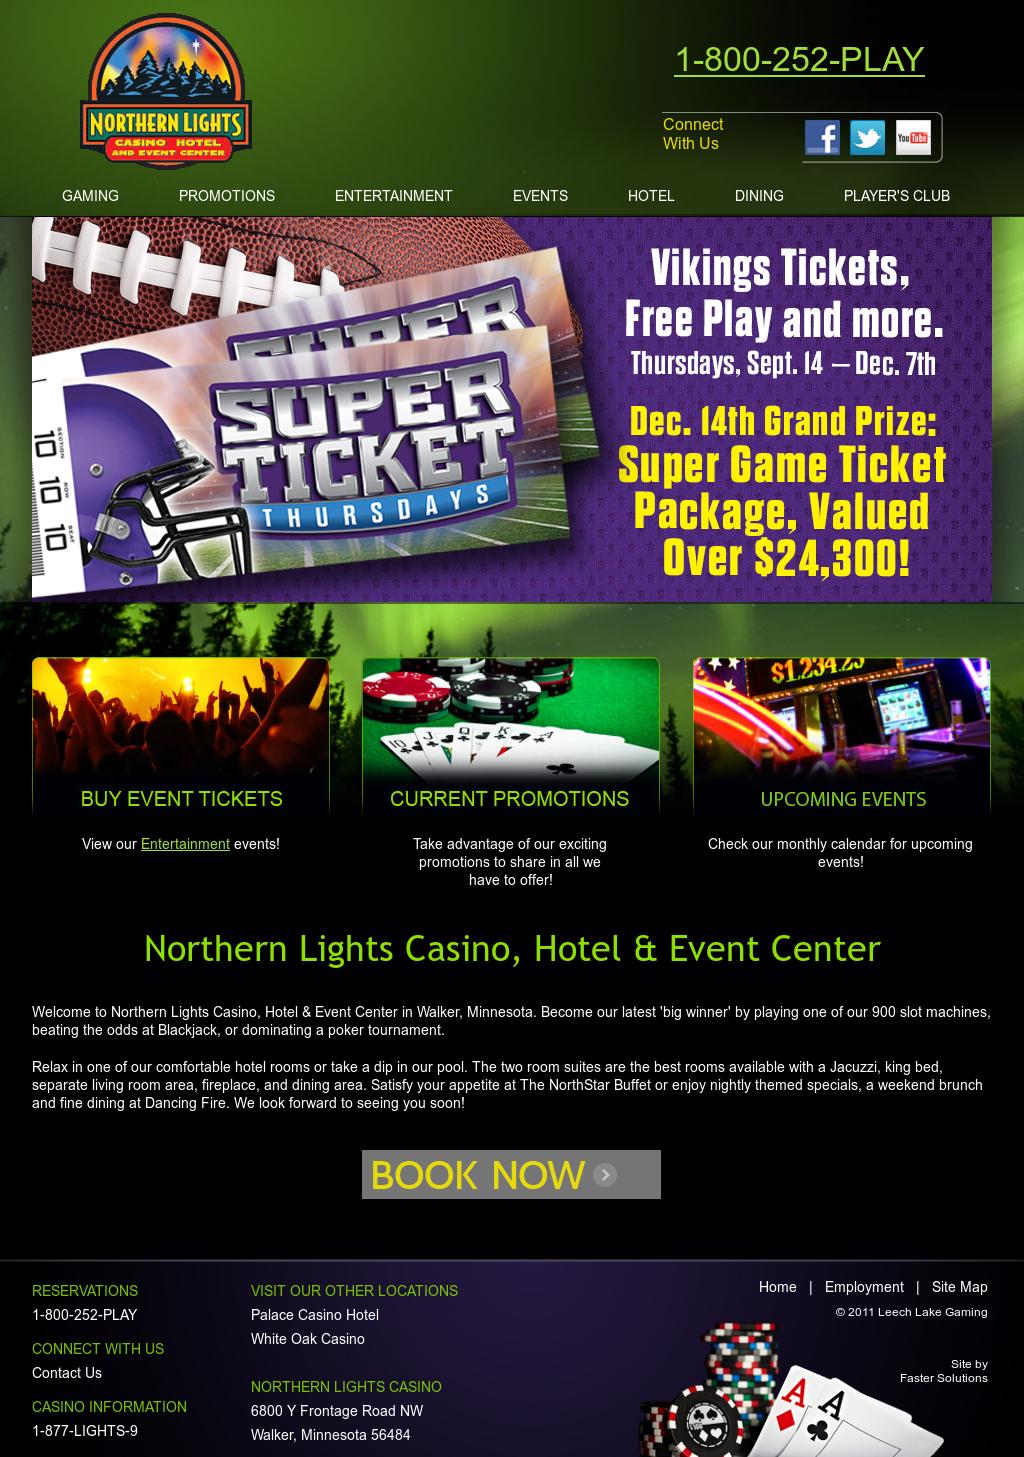 Northern Lights Casino Website History